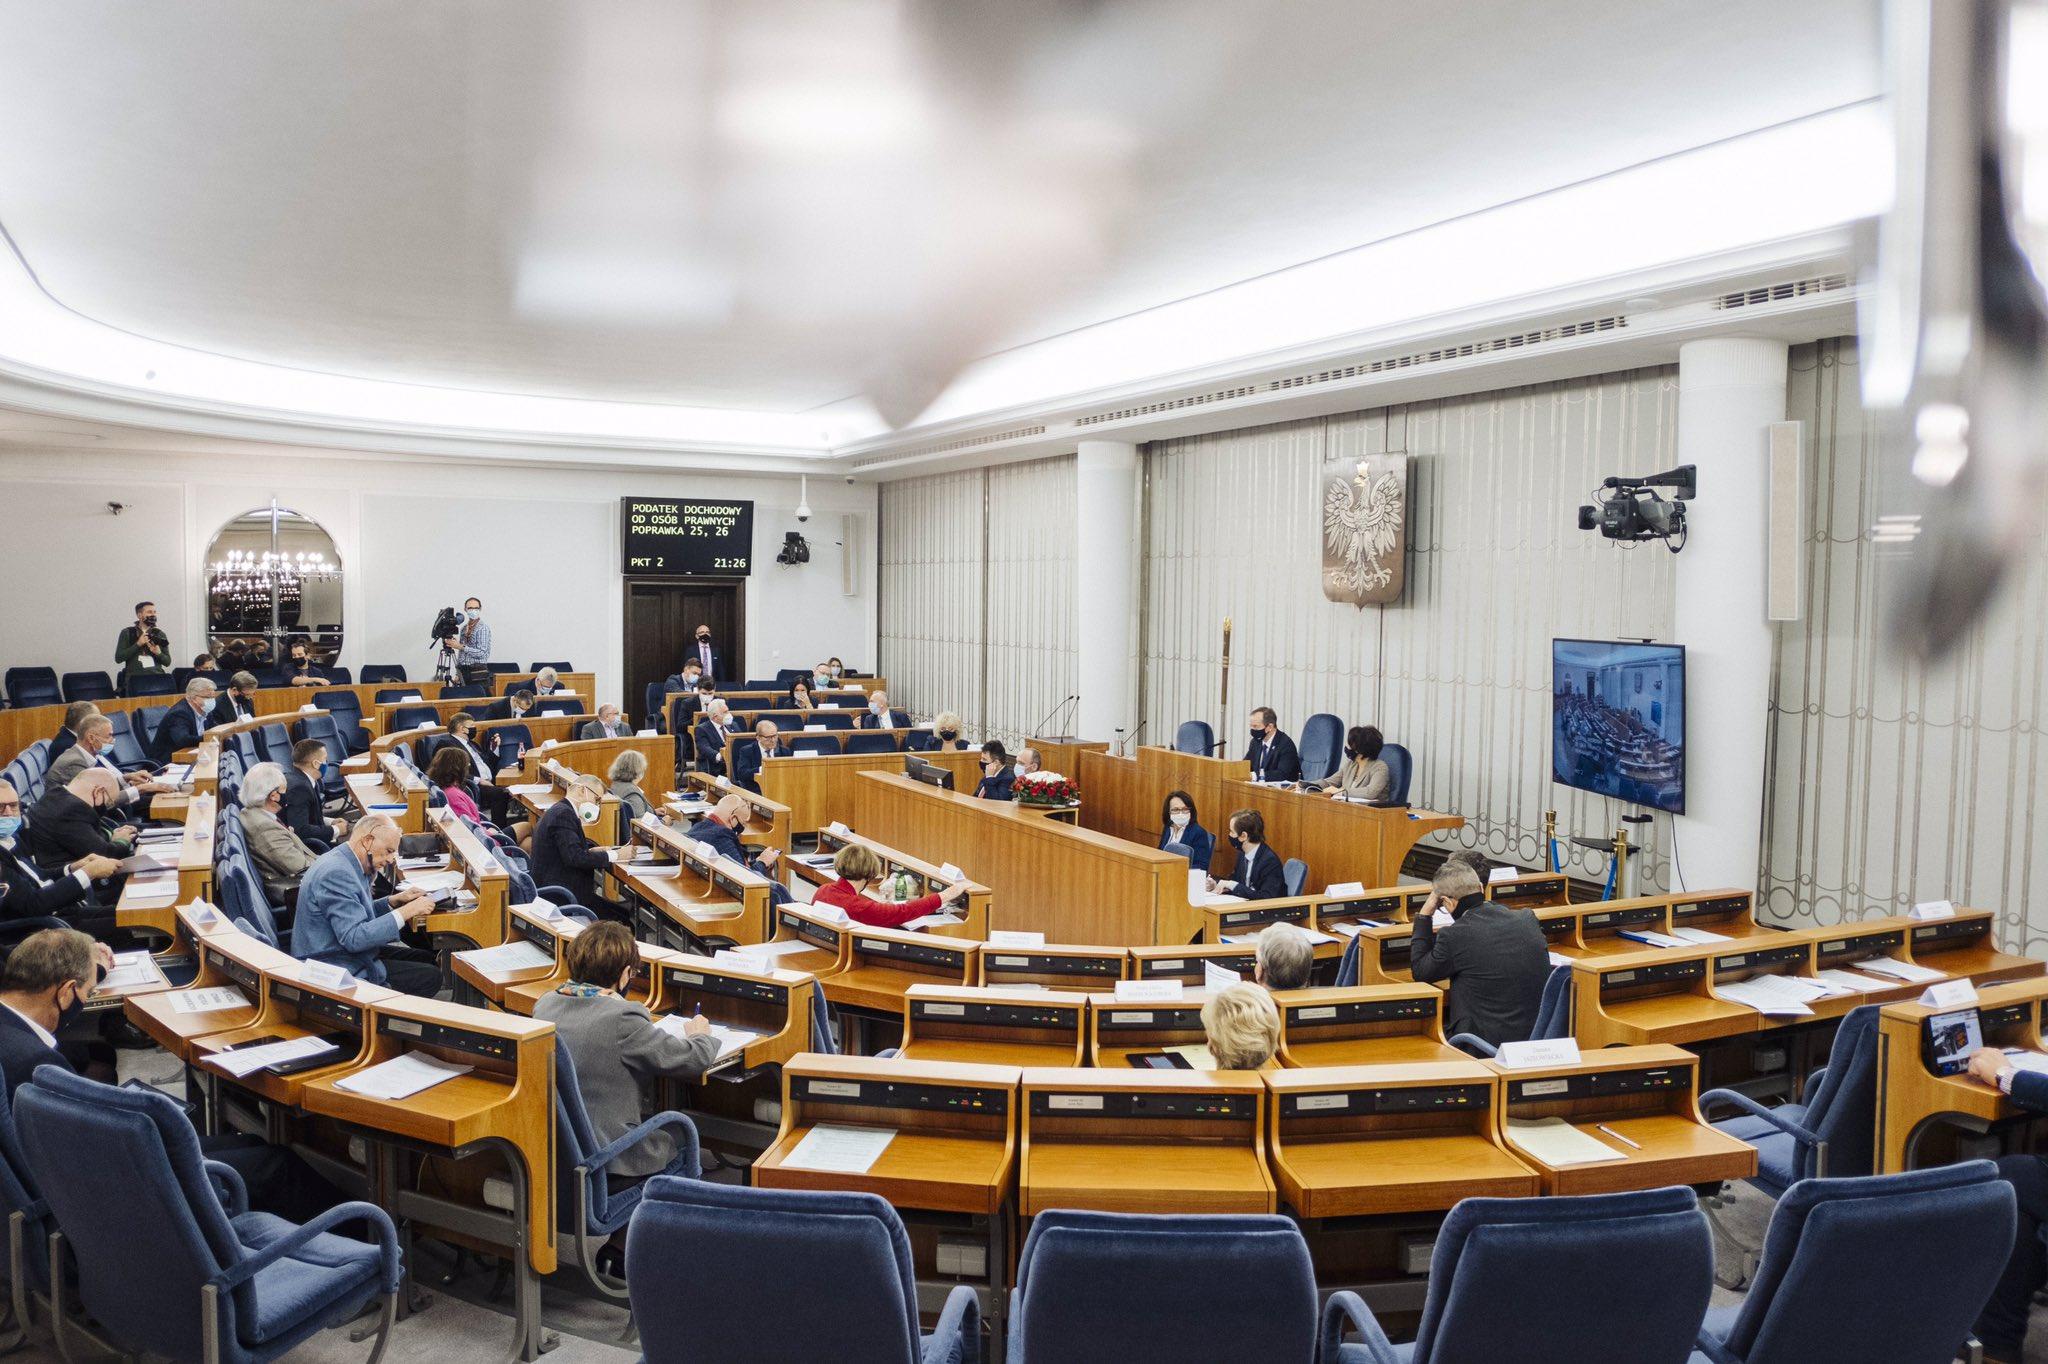 Senatorowie przyjęli ustawę o zawodzie farmaceuty. Najbardziej kontrowersyjne poprawki przyjęto przewagą kilku głosów... (fot. Senat/Twitter)